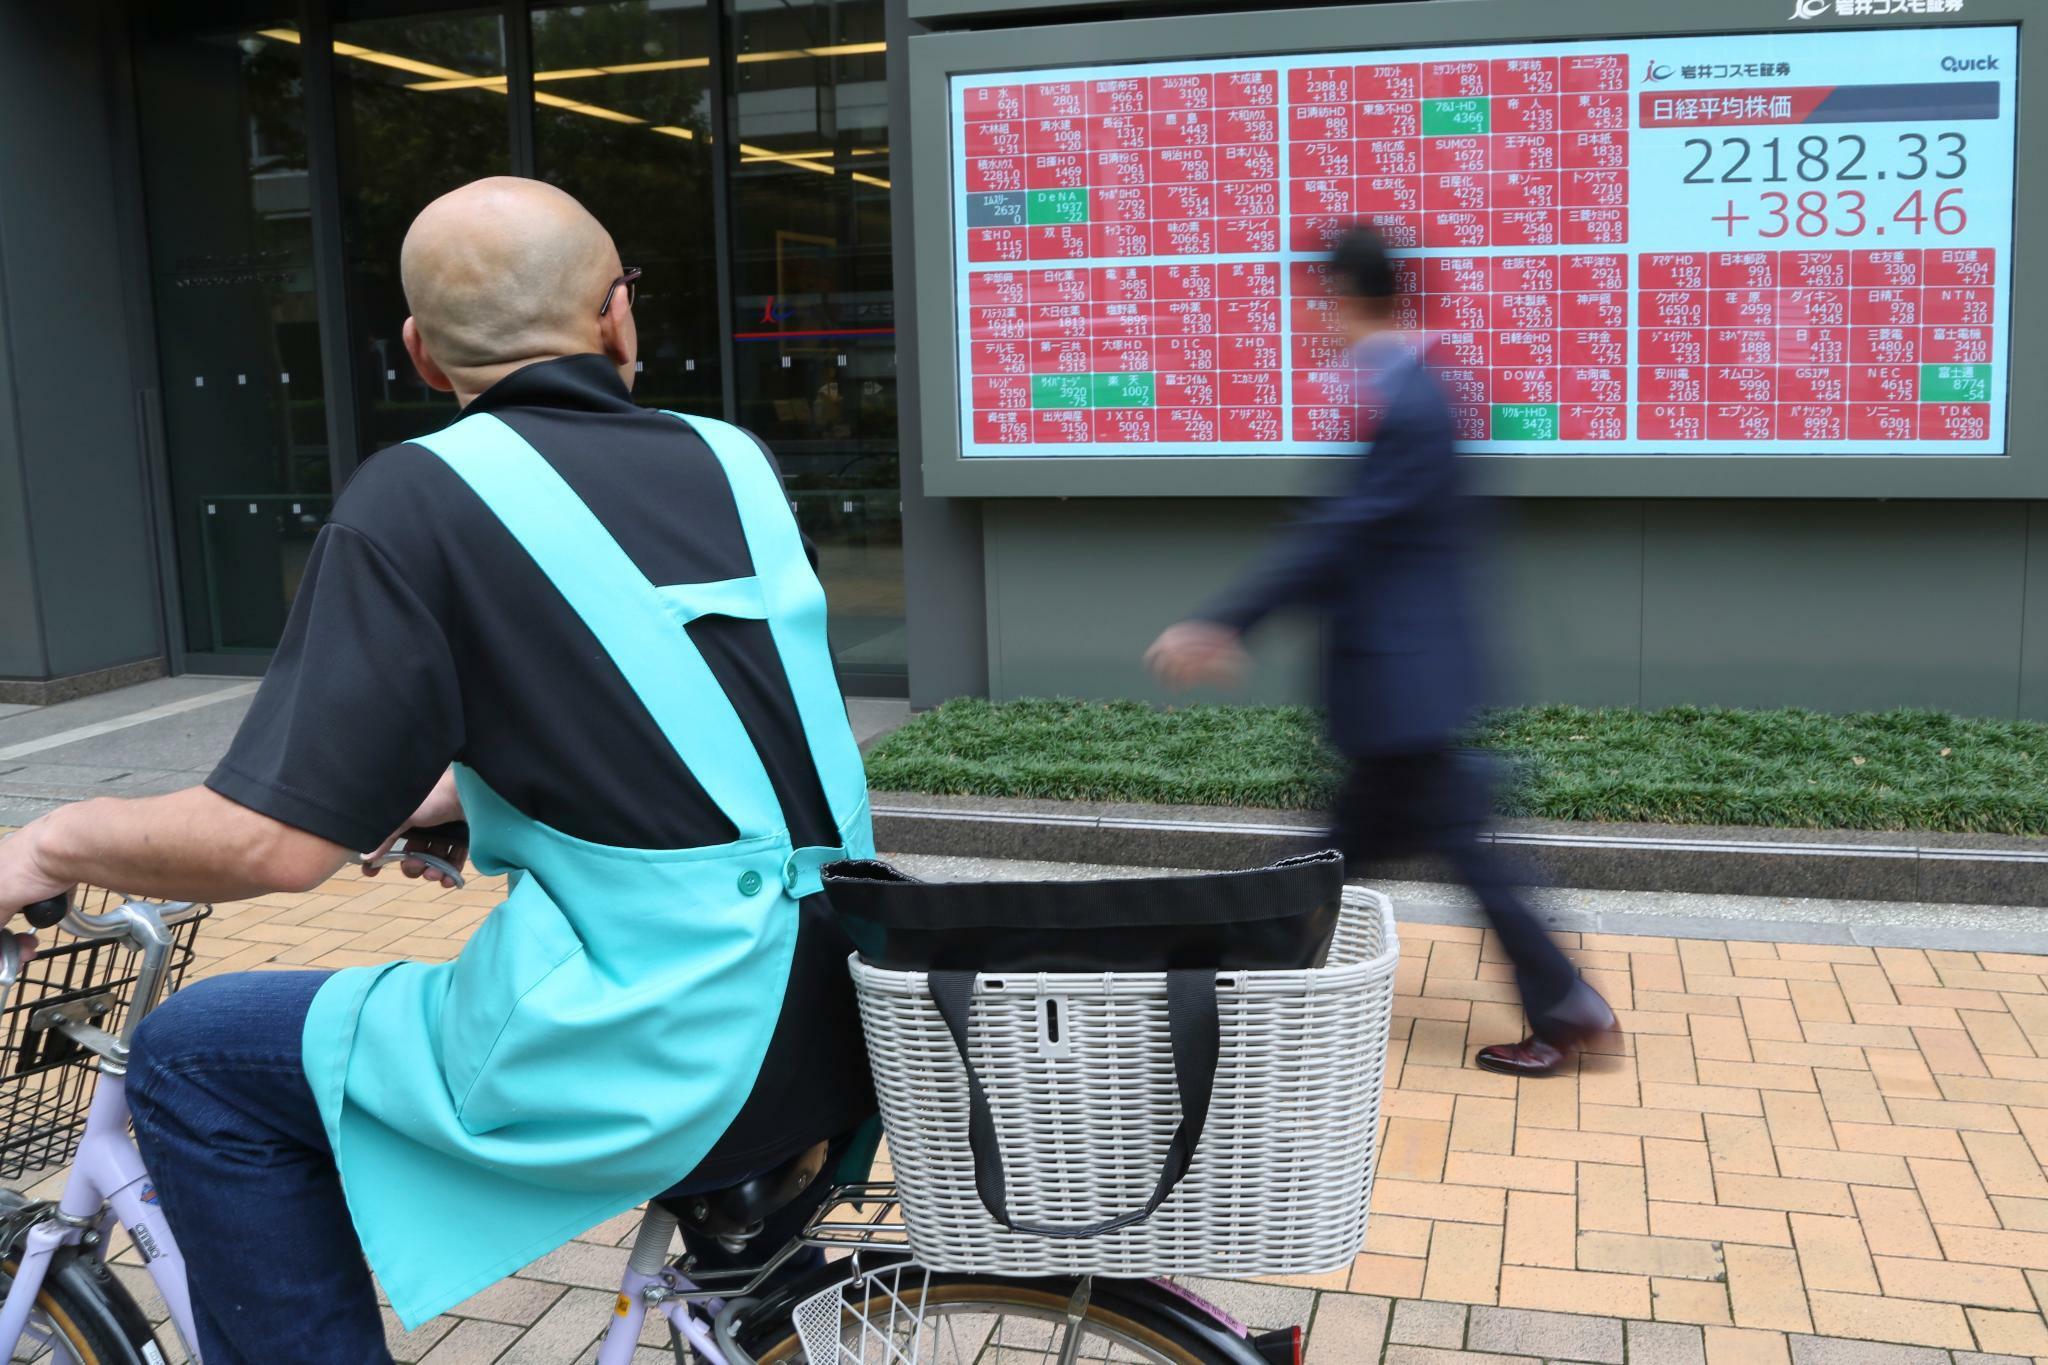 Schwache Daten belasten Chinas Börse - Tokio im Plus